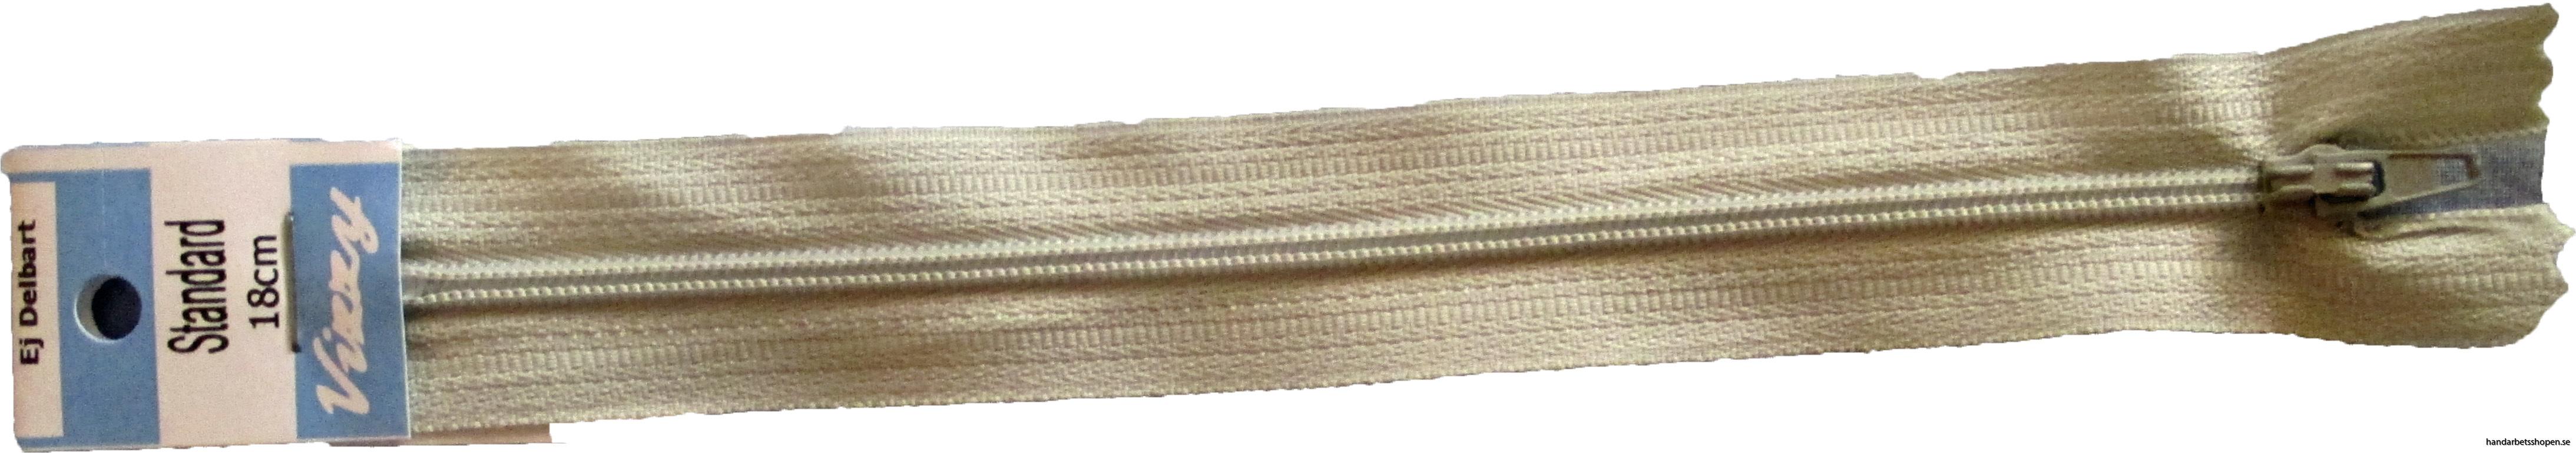 Blixtlås 18 mm Beige